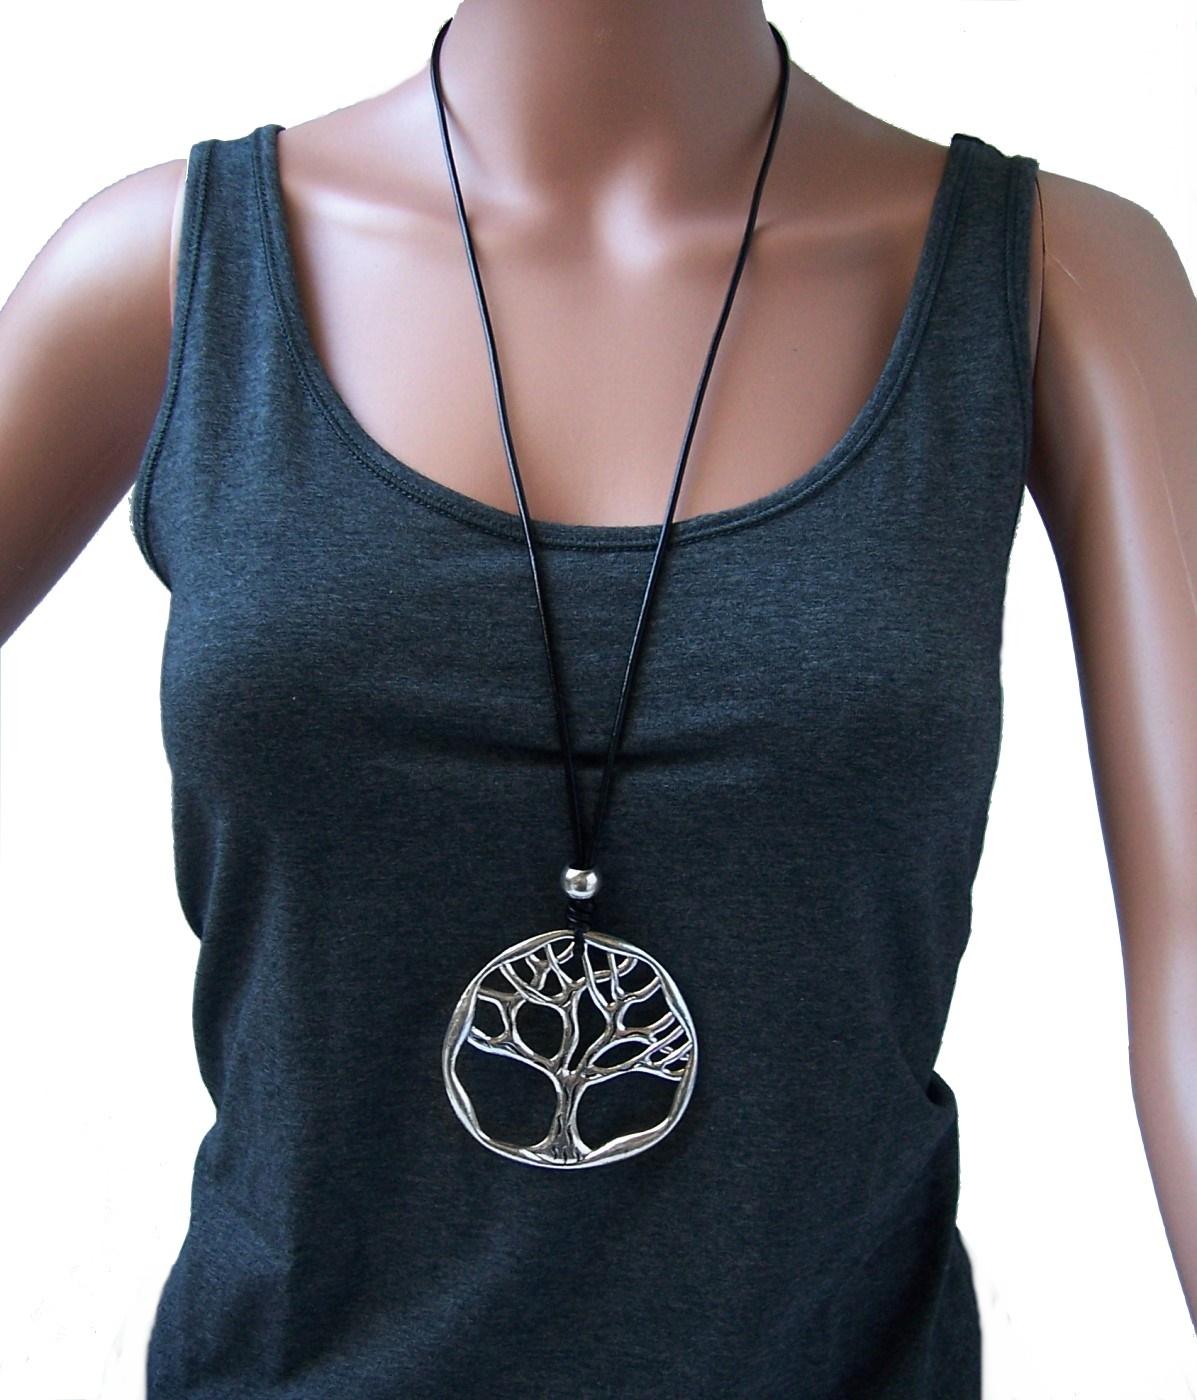 Kette lange Halskette Leder-look schwarz Lebensbaum silber K1468